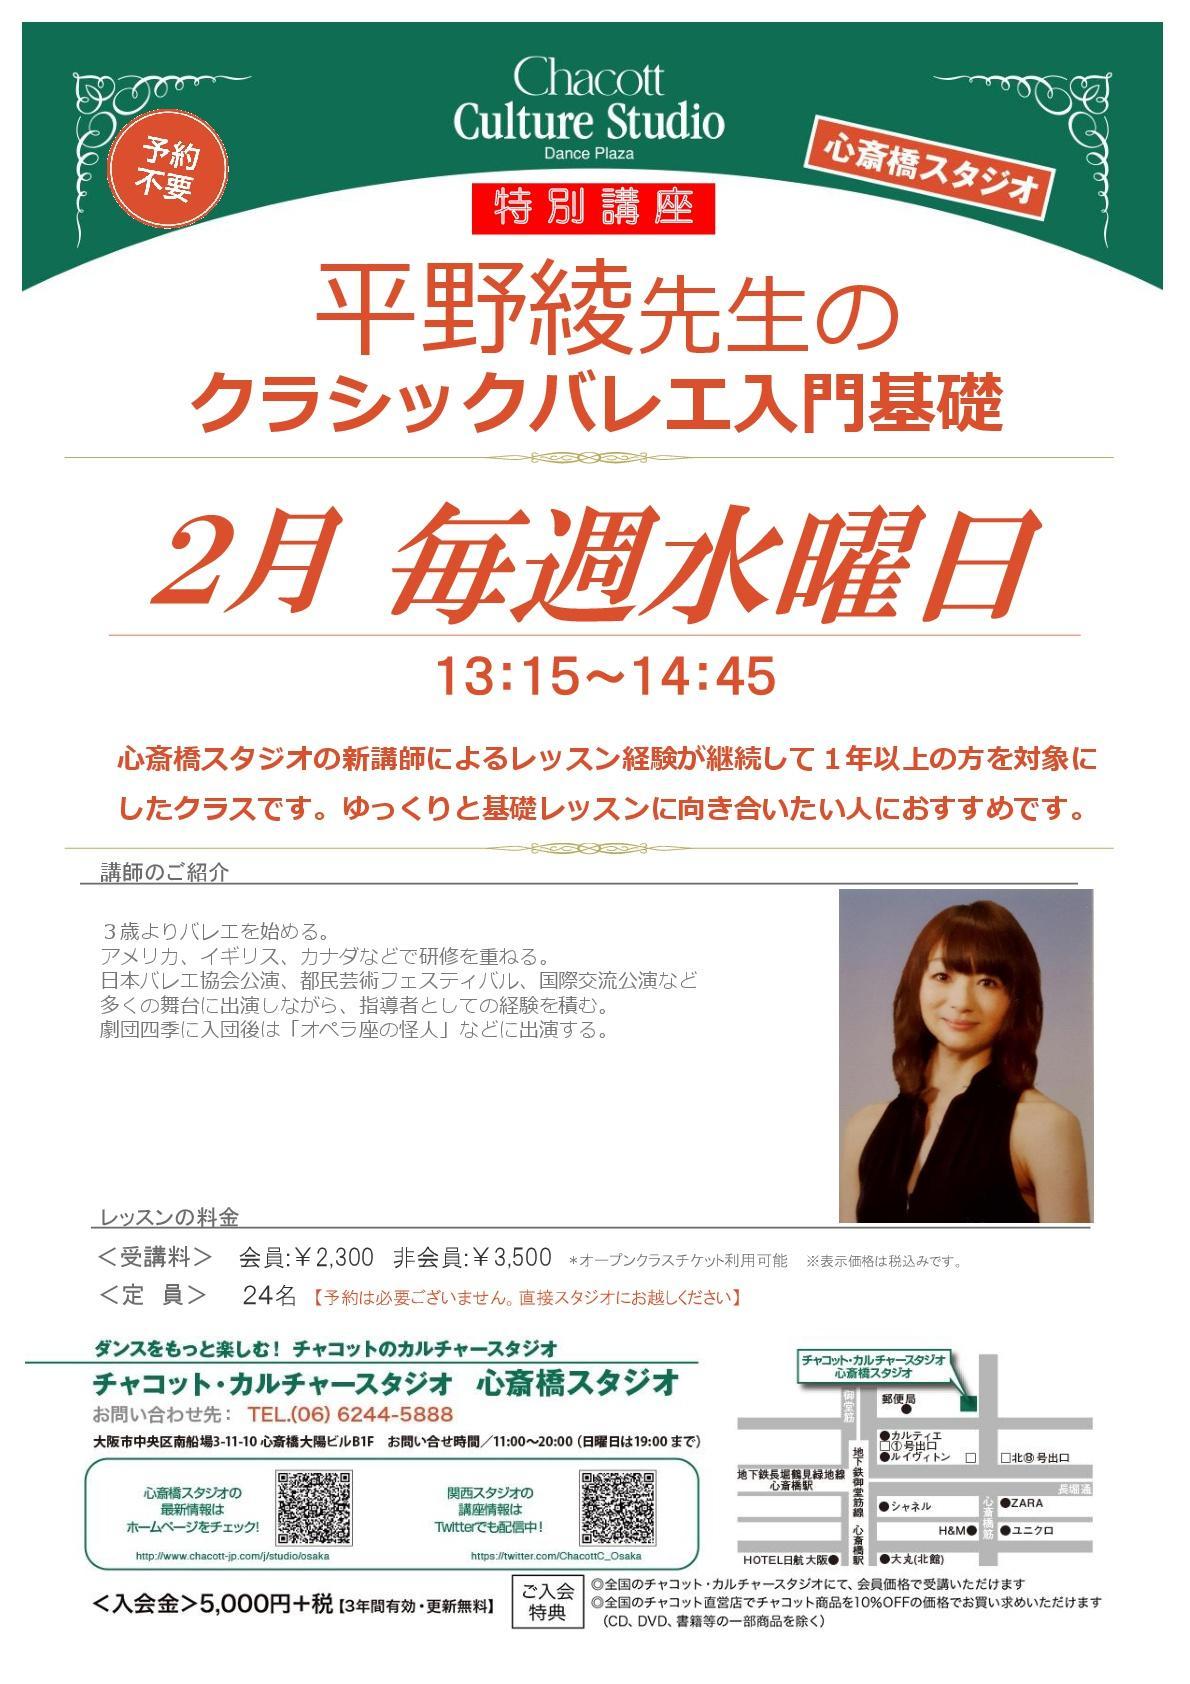 shinsaibashiS_hirano_190206.jpg